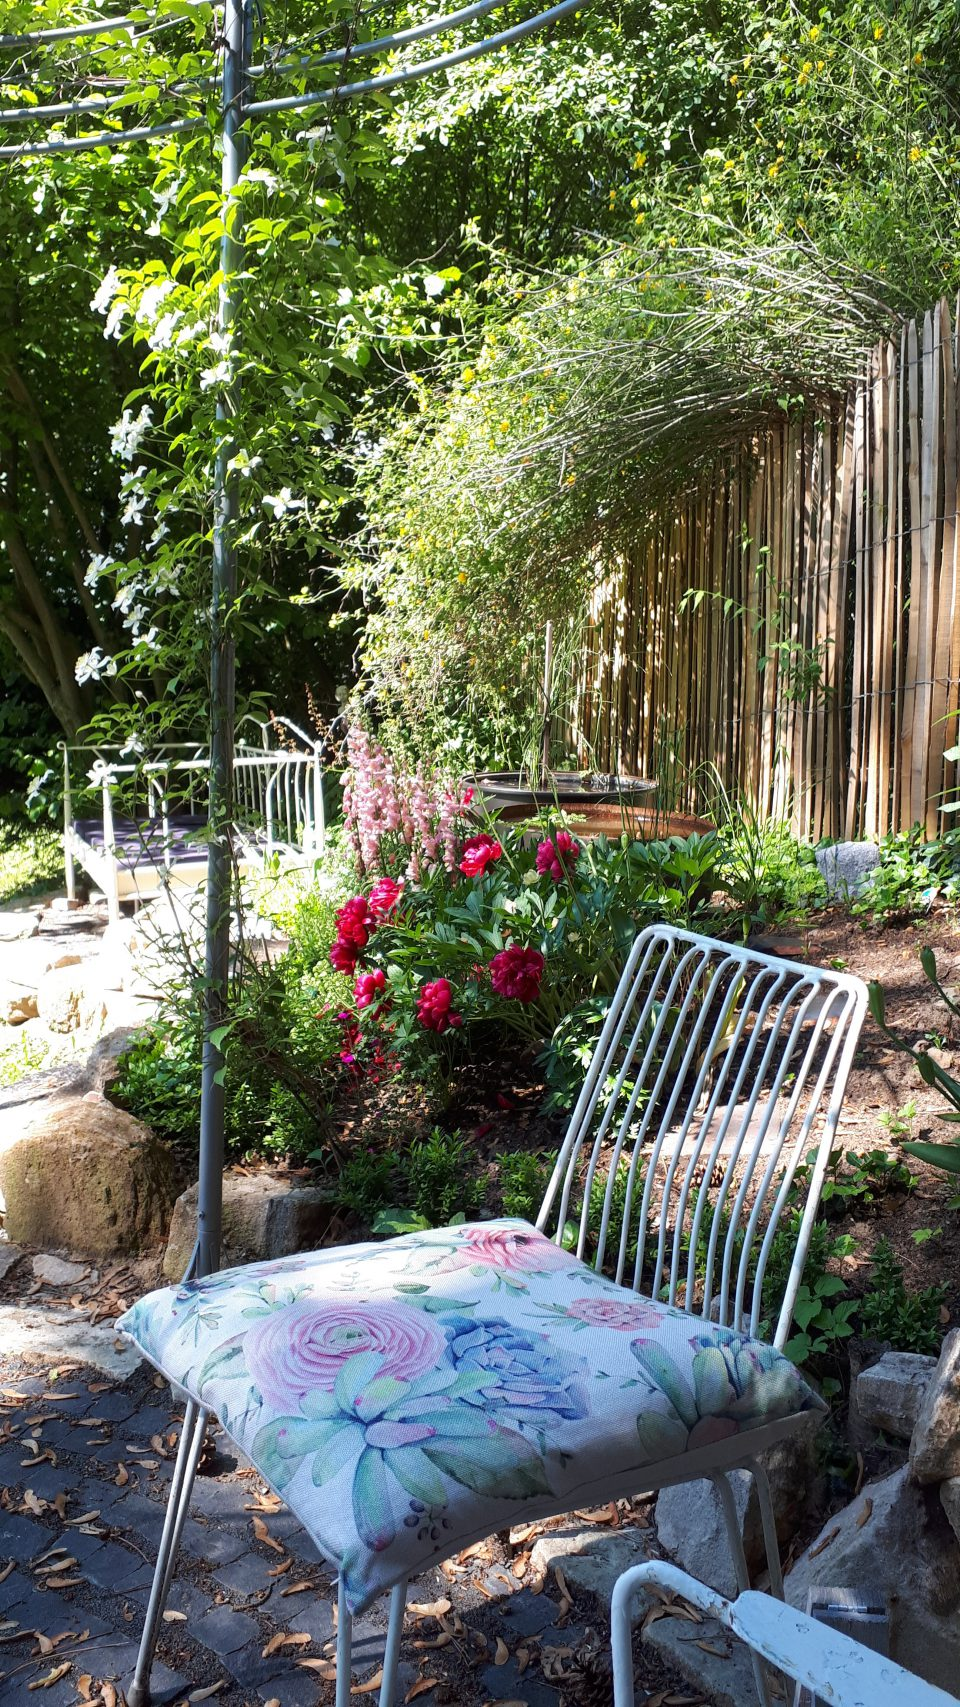 Damit einen die Leselust im Garten so richtig packen kann, braucht man nicht nur die richtige Lektüre, sondern auch lauschige Plätze.